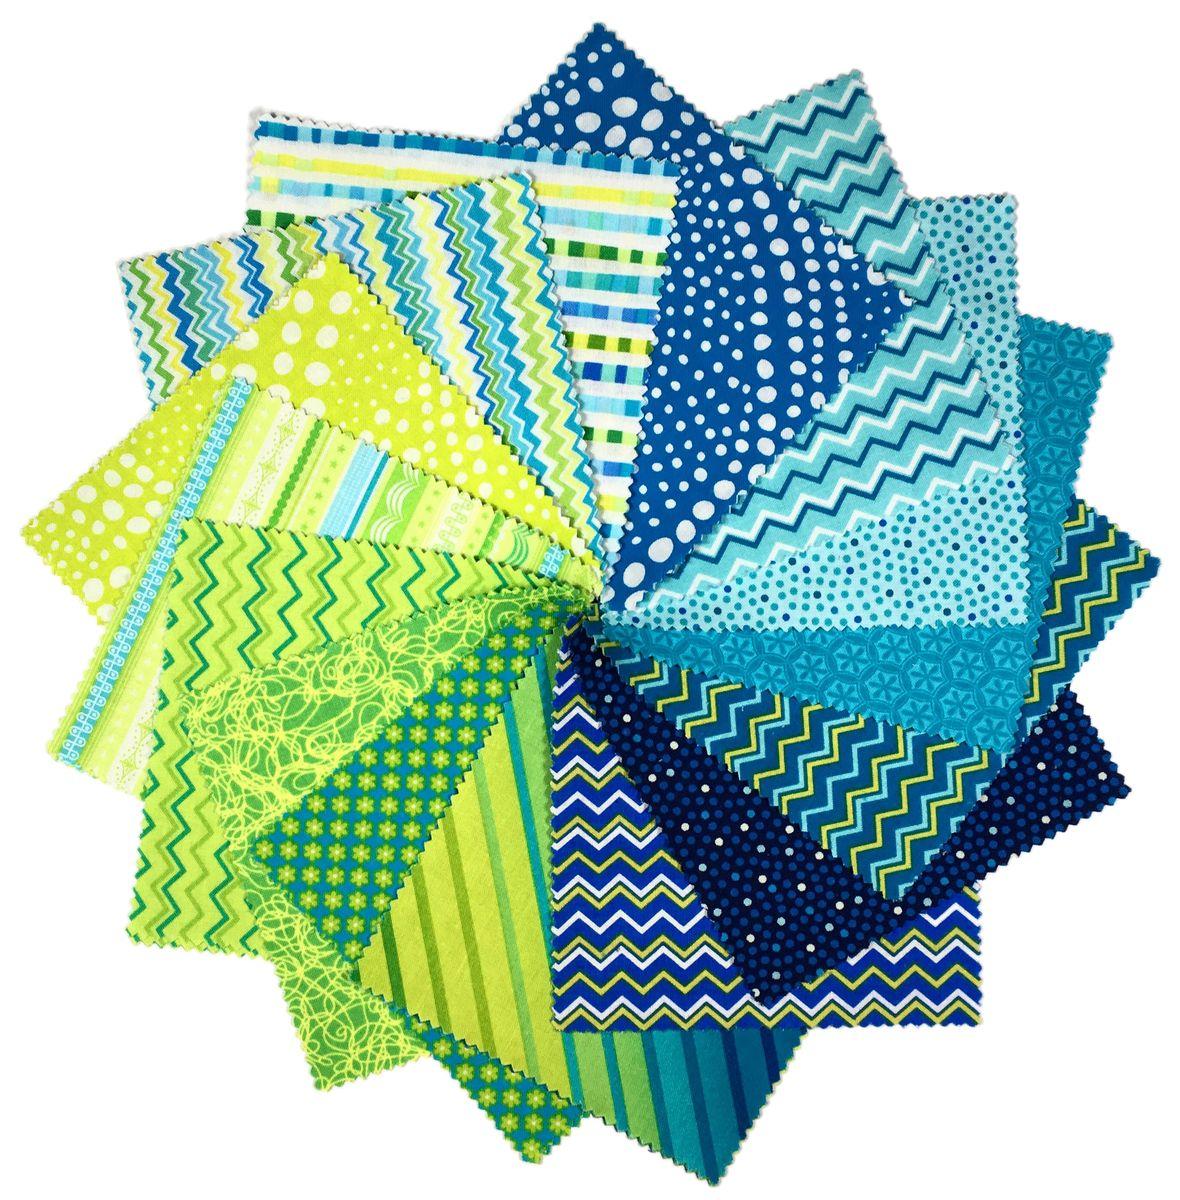 Набор лоскутов для пэчворка и лоскутных работ Benartex, 12,5 х 12,5 см, 42 шт. COOL5PKCOOL5PKОчаровательный набор лоскутов хлопка Benartex используется для лоскутного шитья, пэчворка, домашнего декора, скрапбукинга и т.п.Набор состоит из 42 лоскутов по 12,5 х 12,5 см.